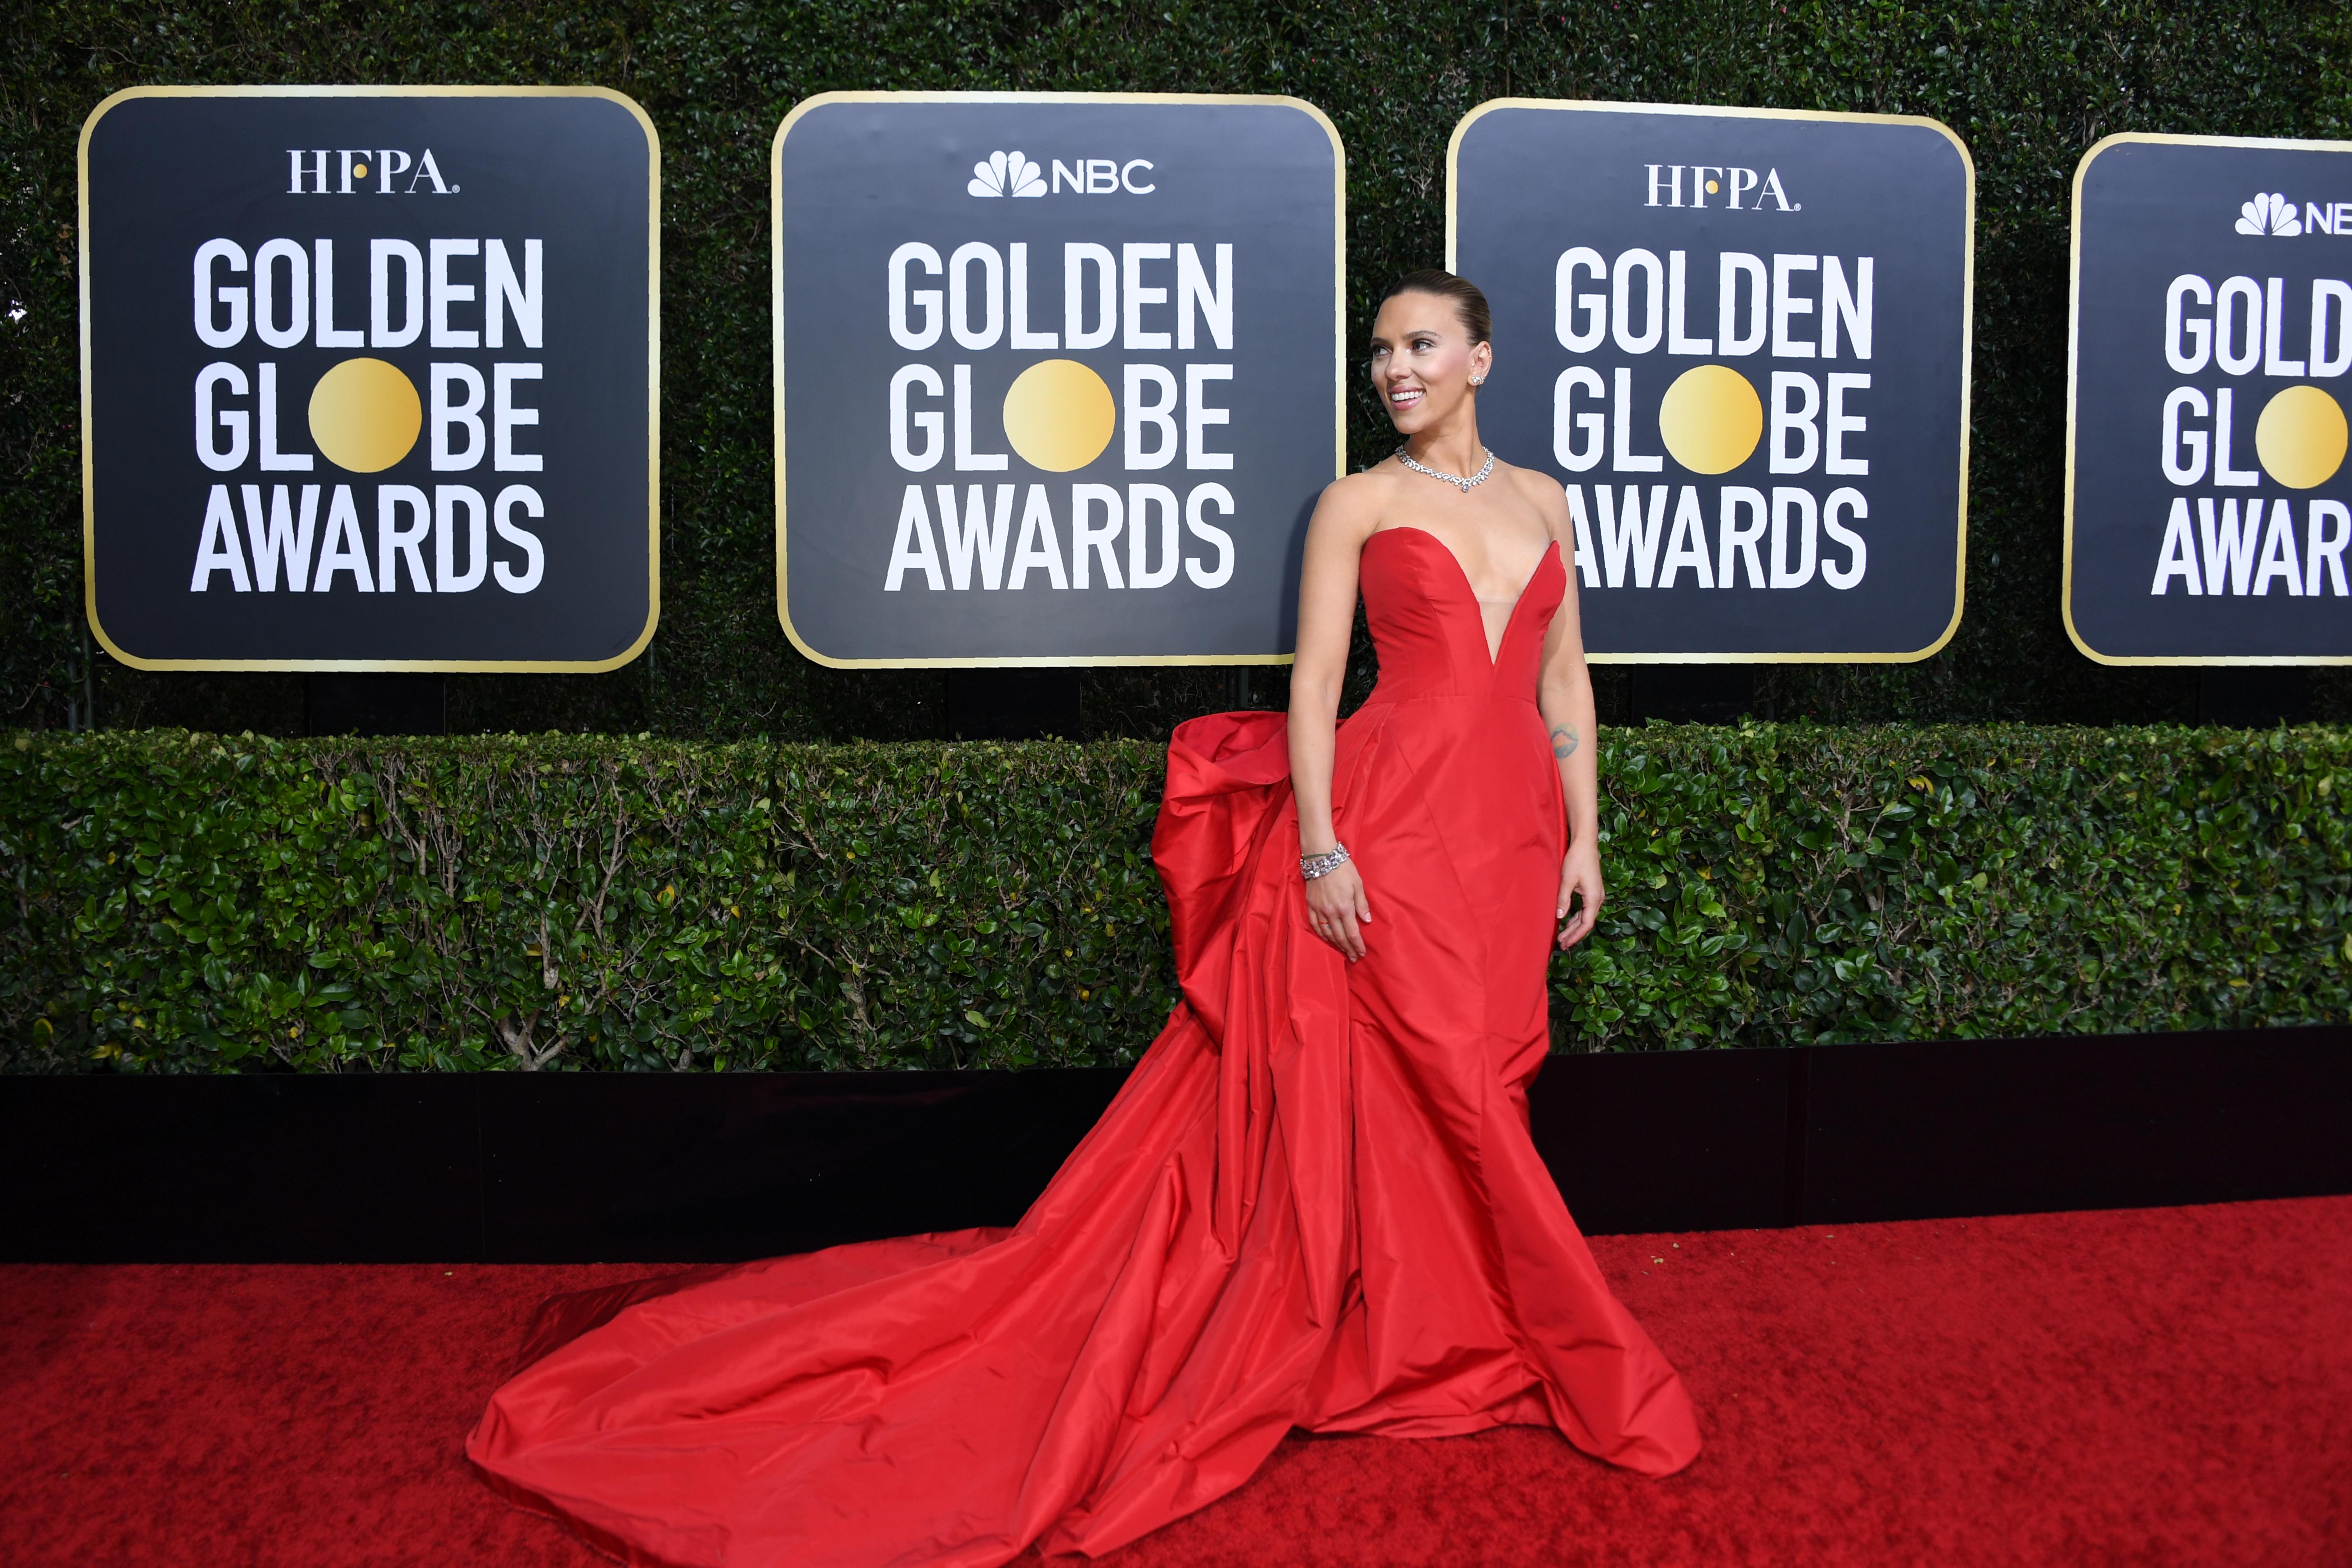 golden globes, 2020, rode loper, beste en meest sexy looks